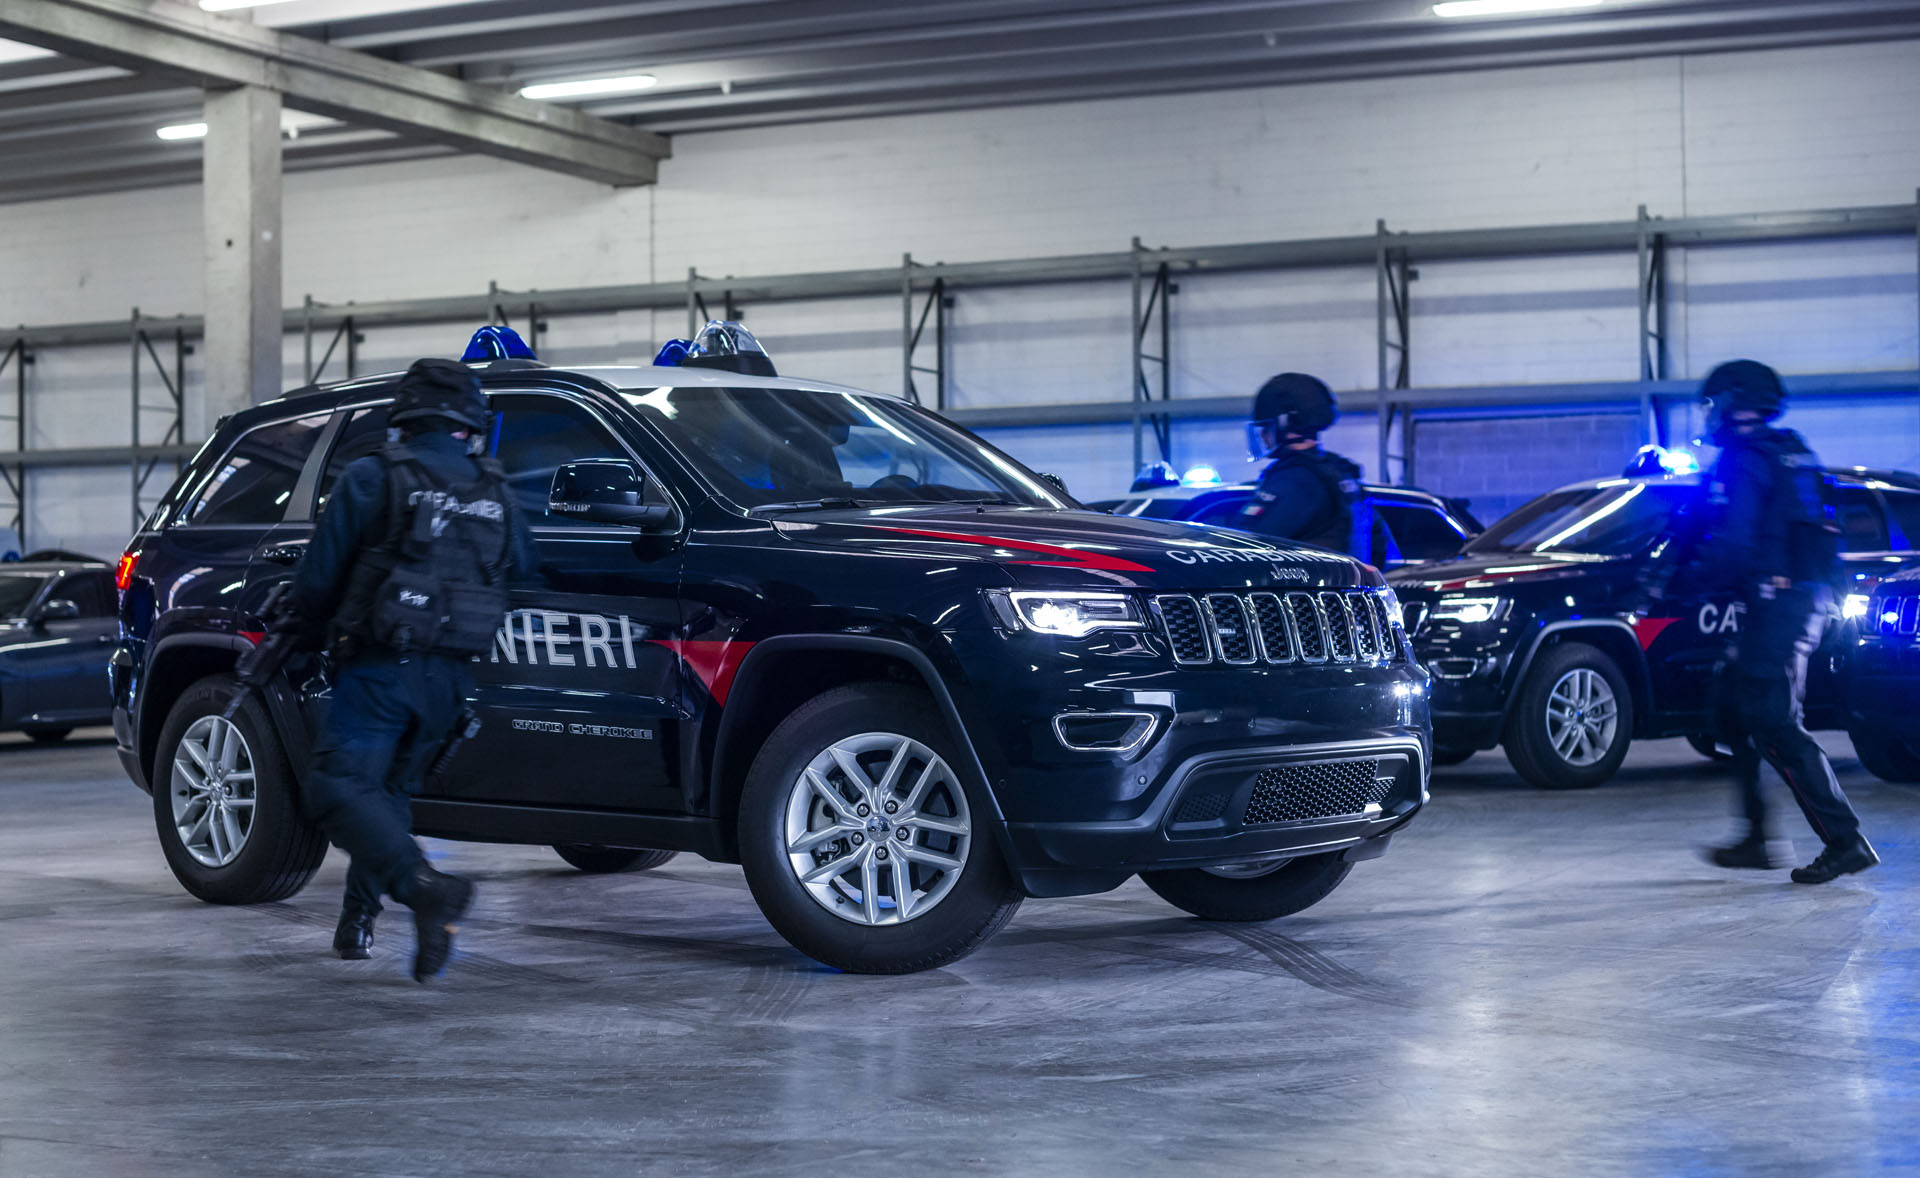 758b23ea-181031_jeep_grand_cherokee_carabinieri_01-copy